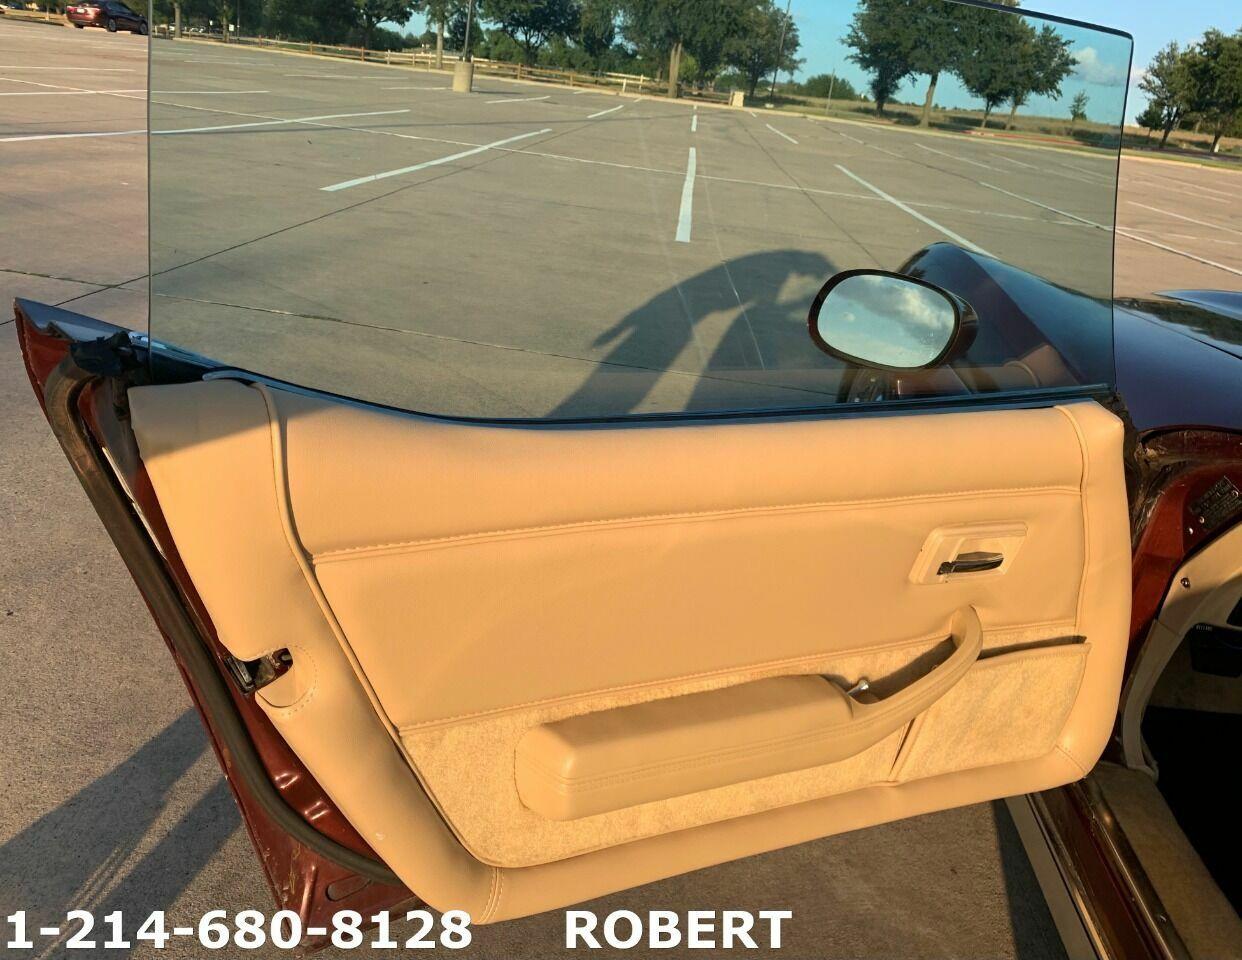 1978 Burgundy Chevrolet Corvette   | C3 Corvette Photo 9